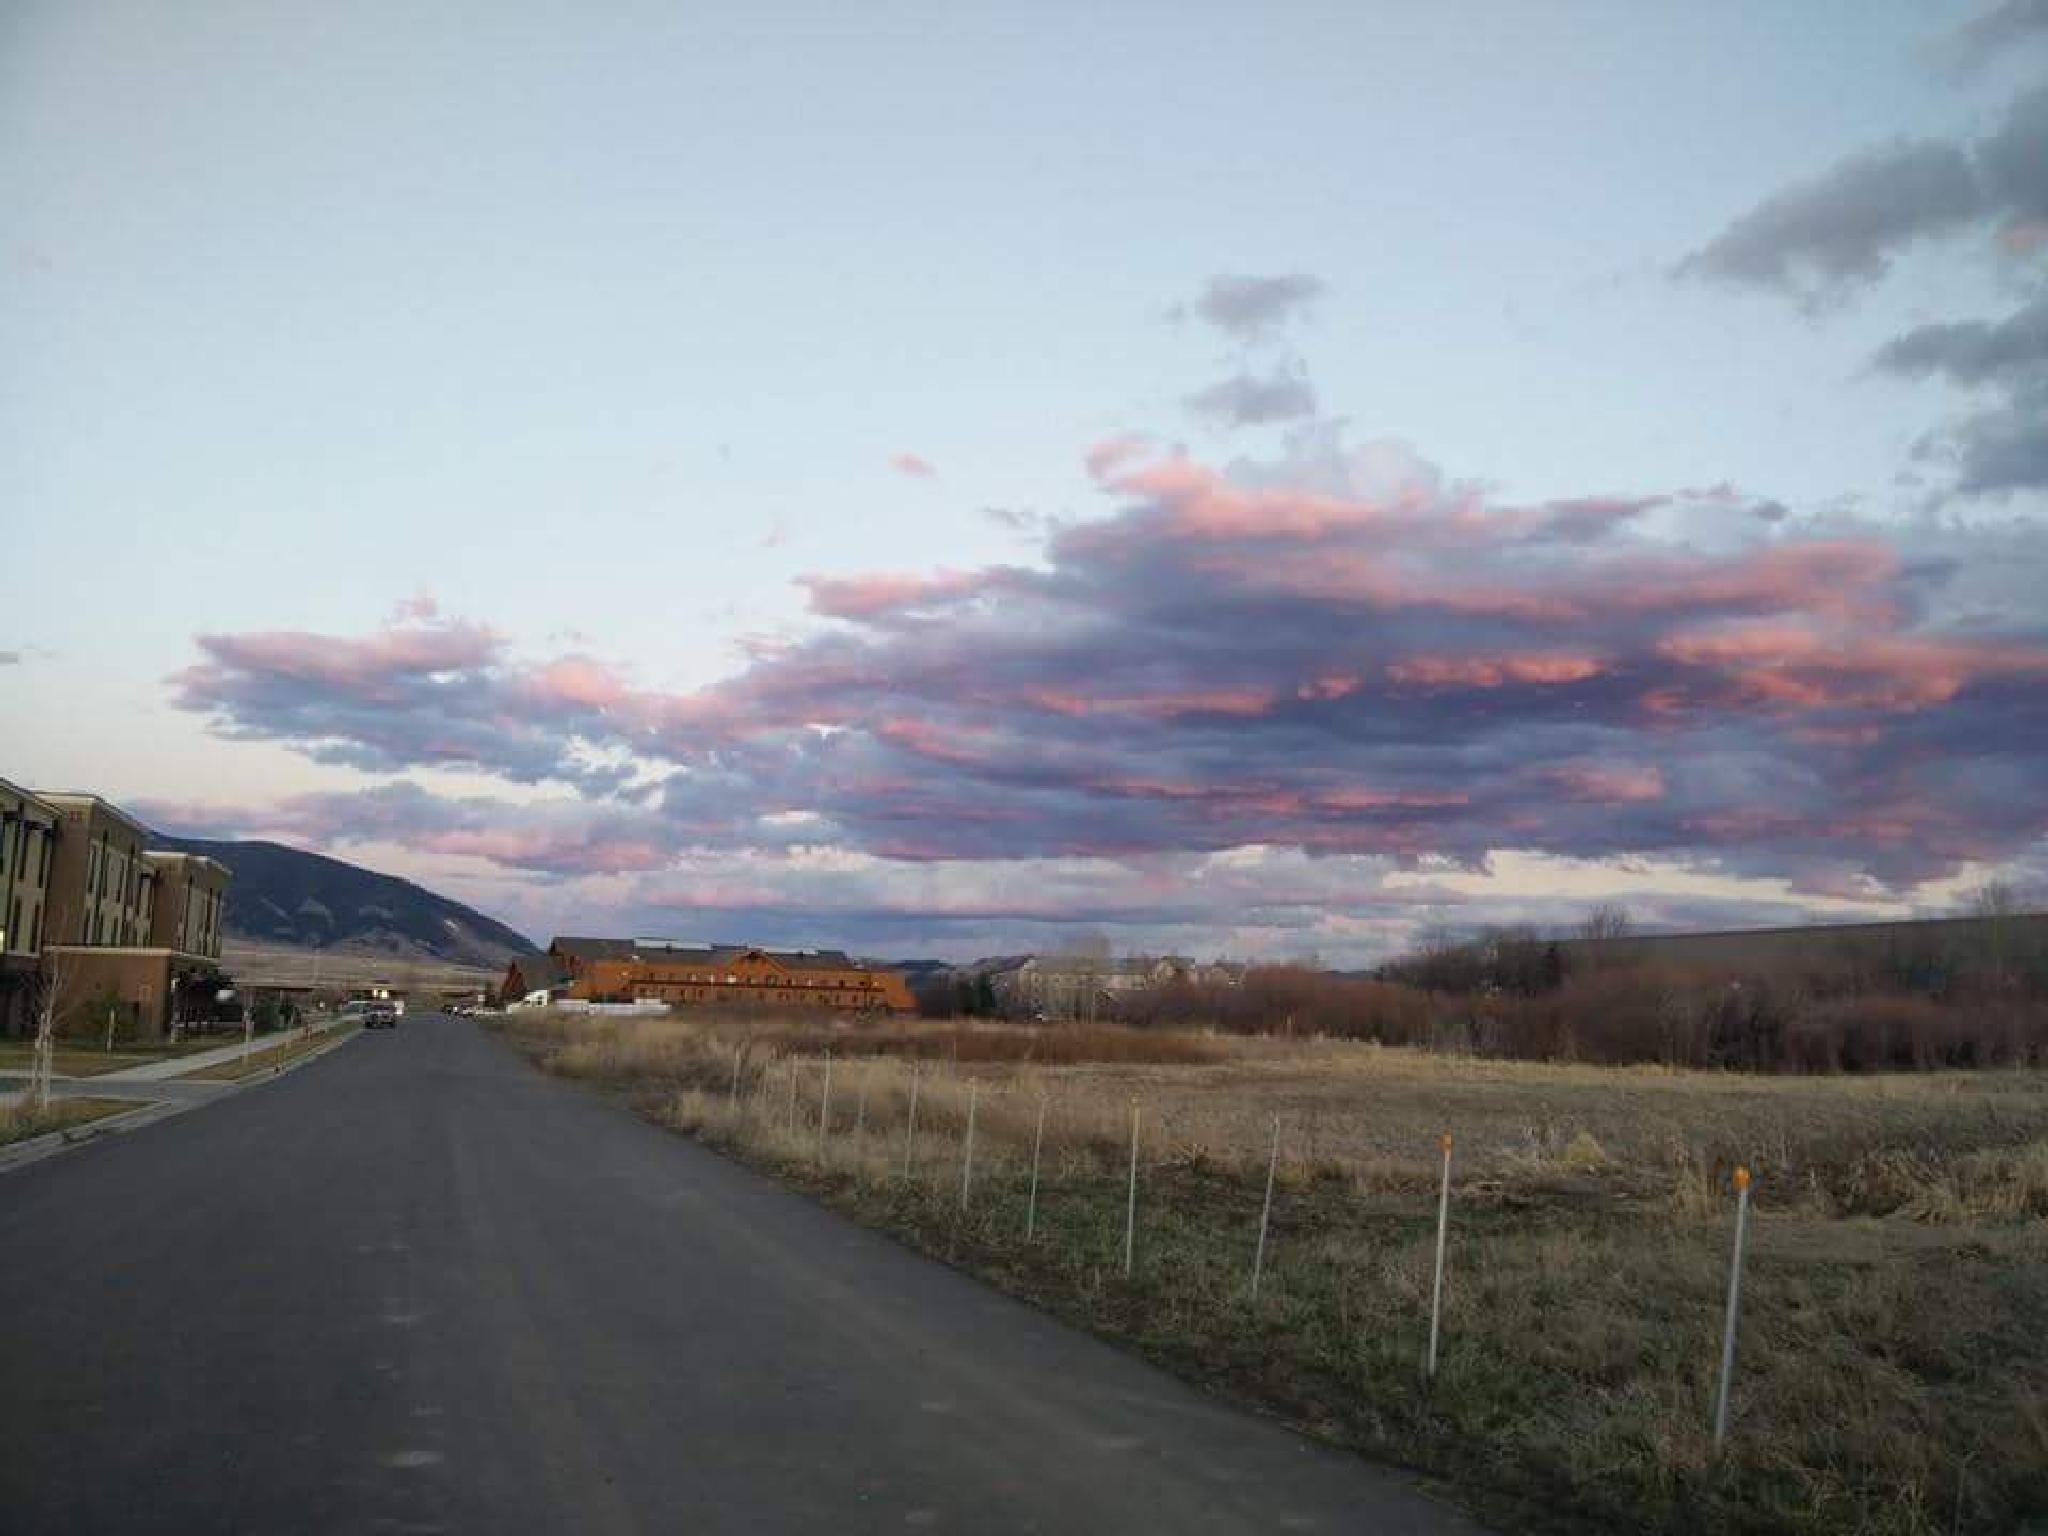 Road Trip by Mrokusek